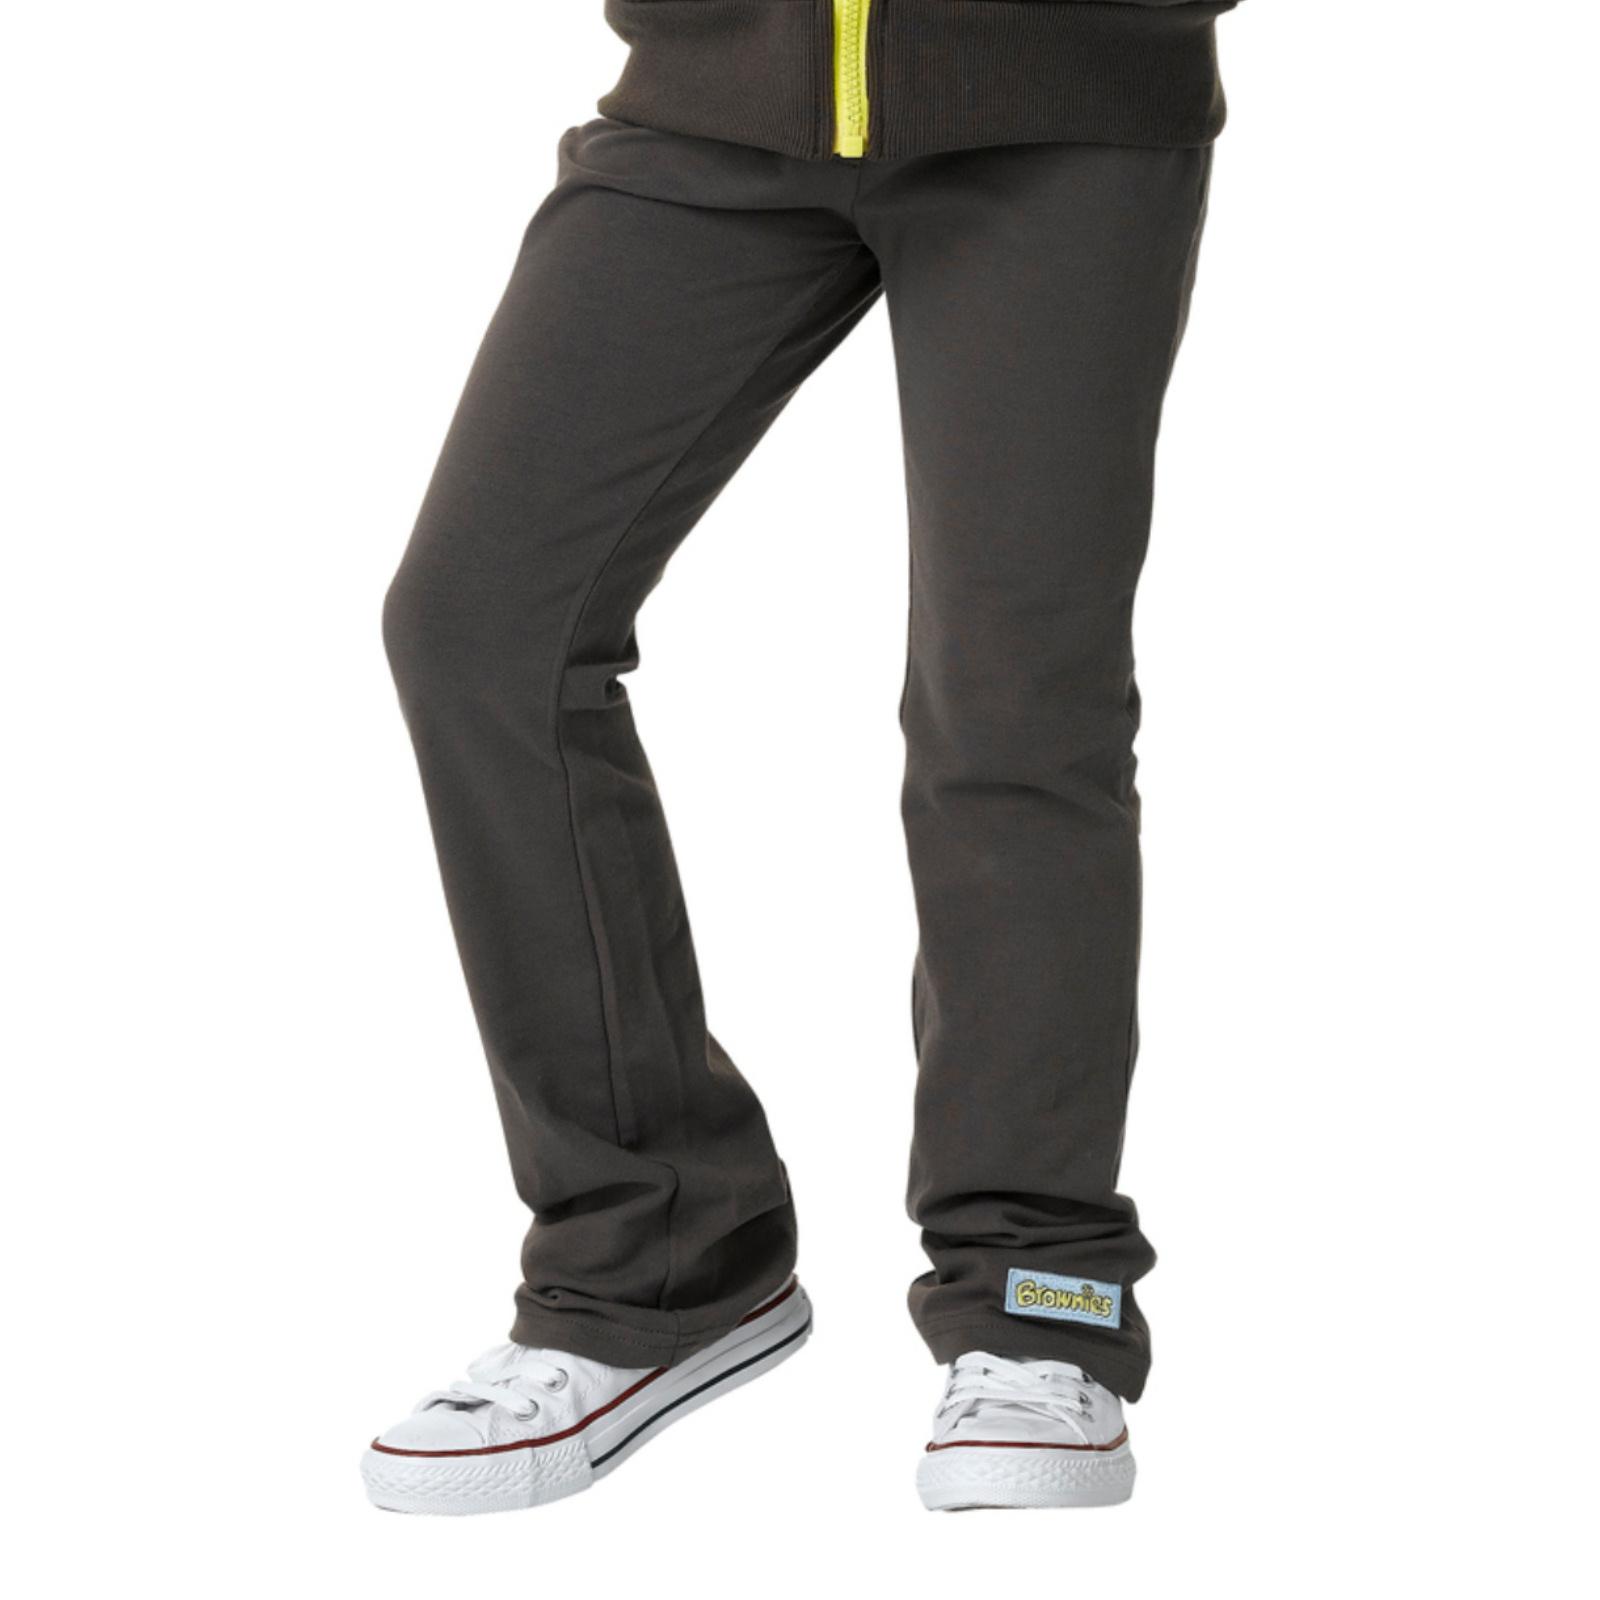 Brownie leggings